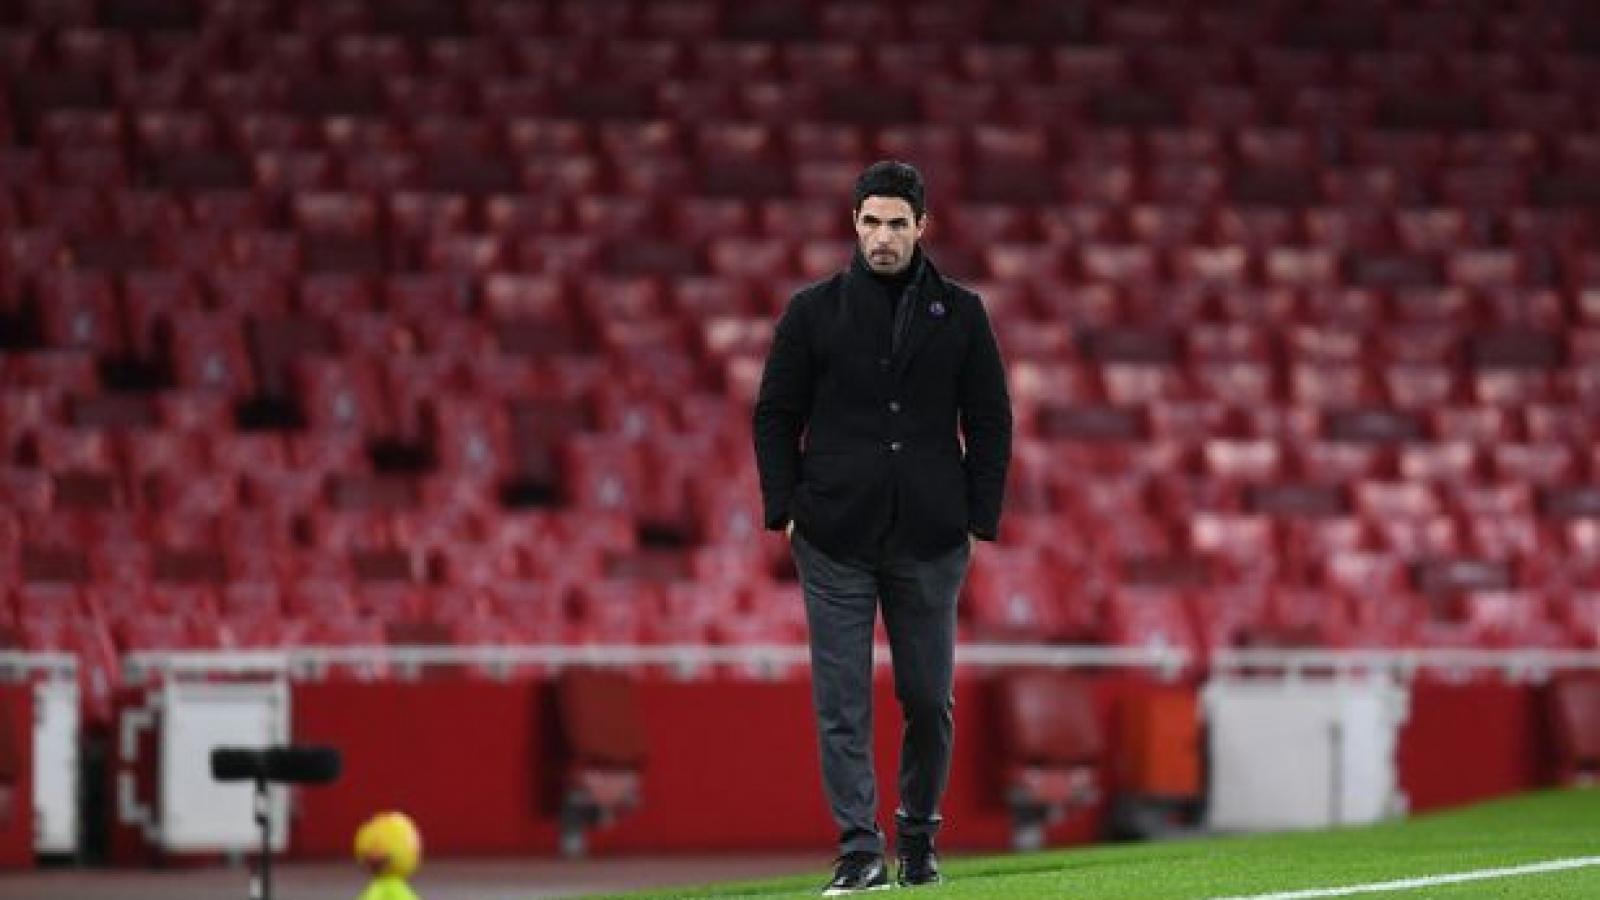 Lịch thi đấu bóng đá hôm nay (22/12): Cơ hội cuối cho Arteta ở Arsenal?